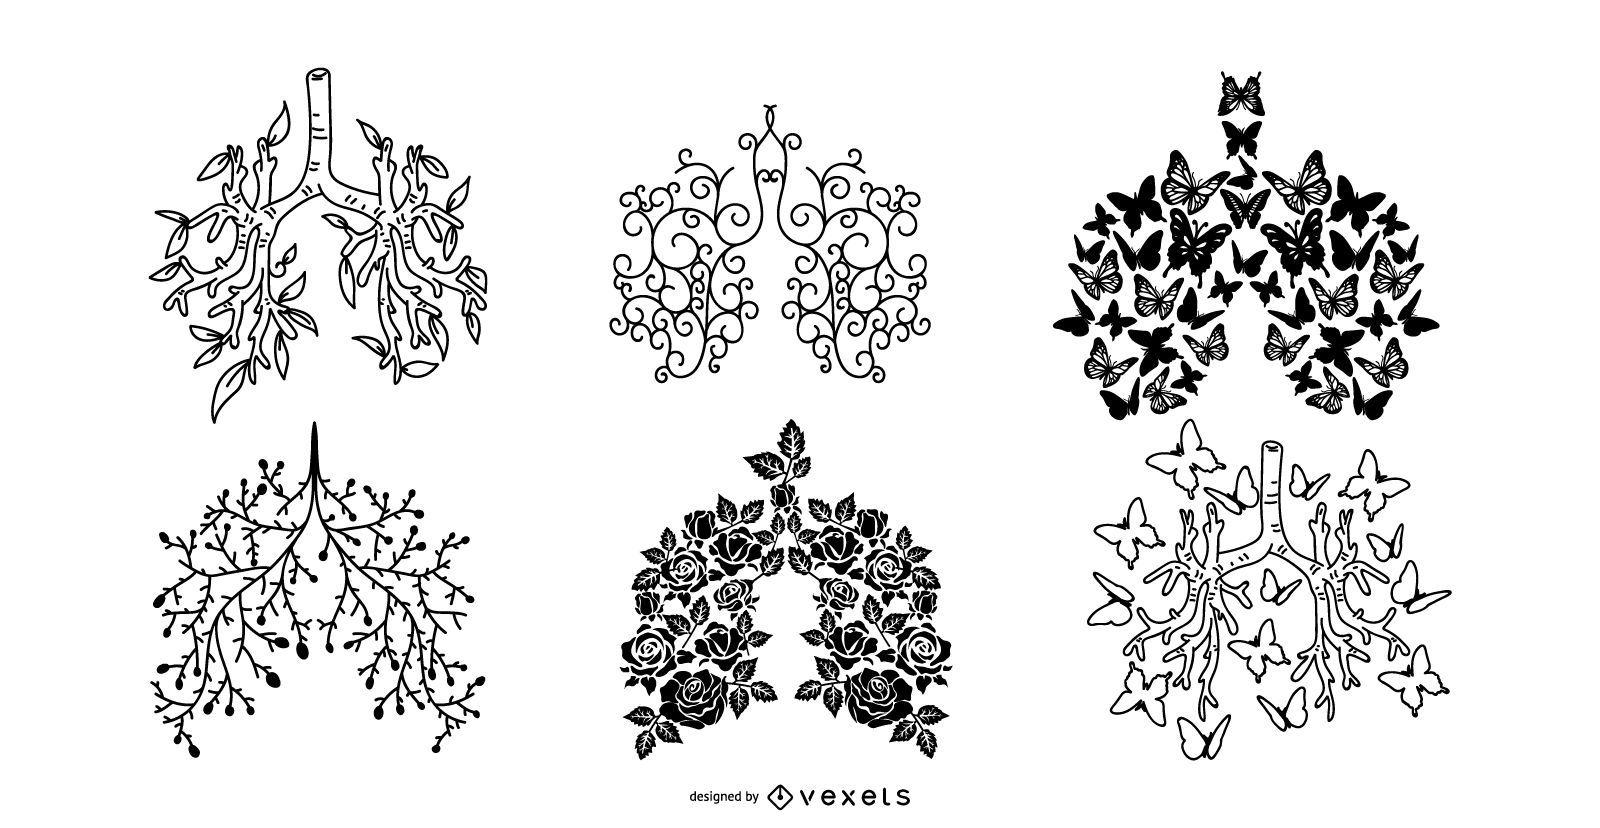 Conjunto de design de silhueta para fibrose c?stica